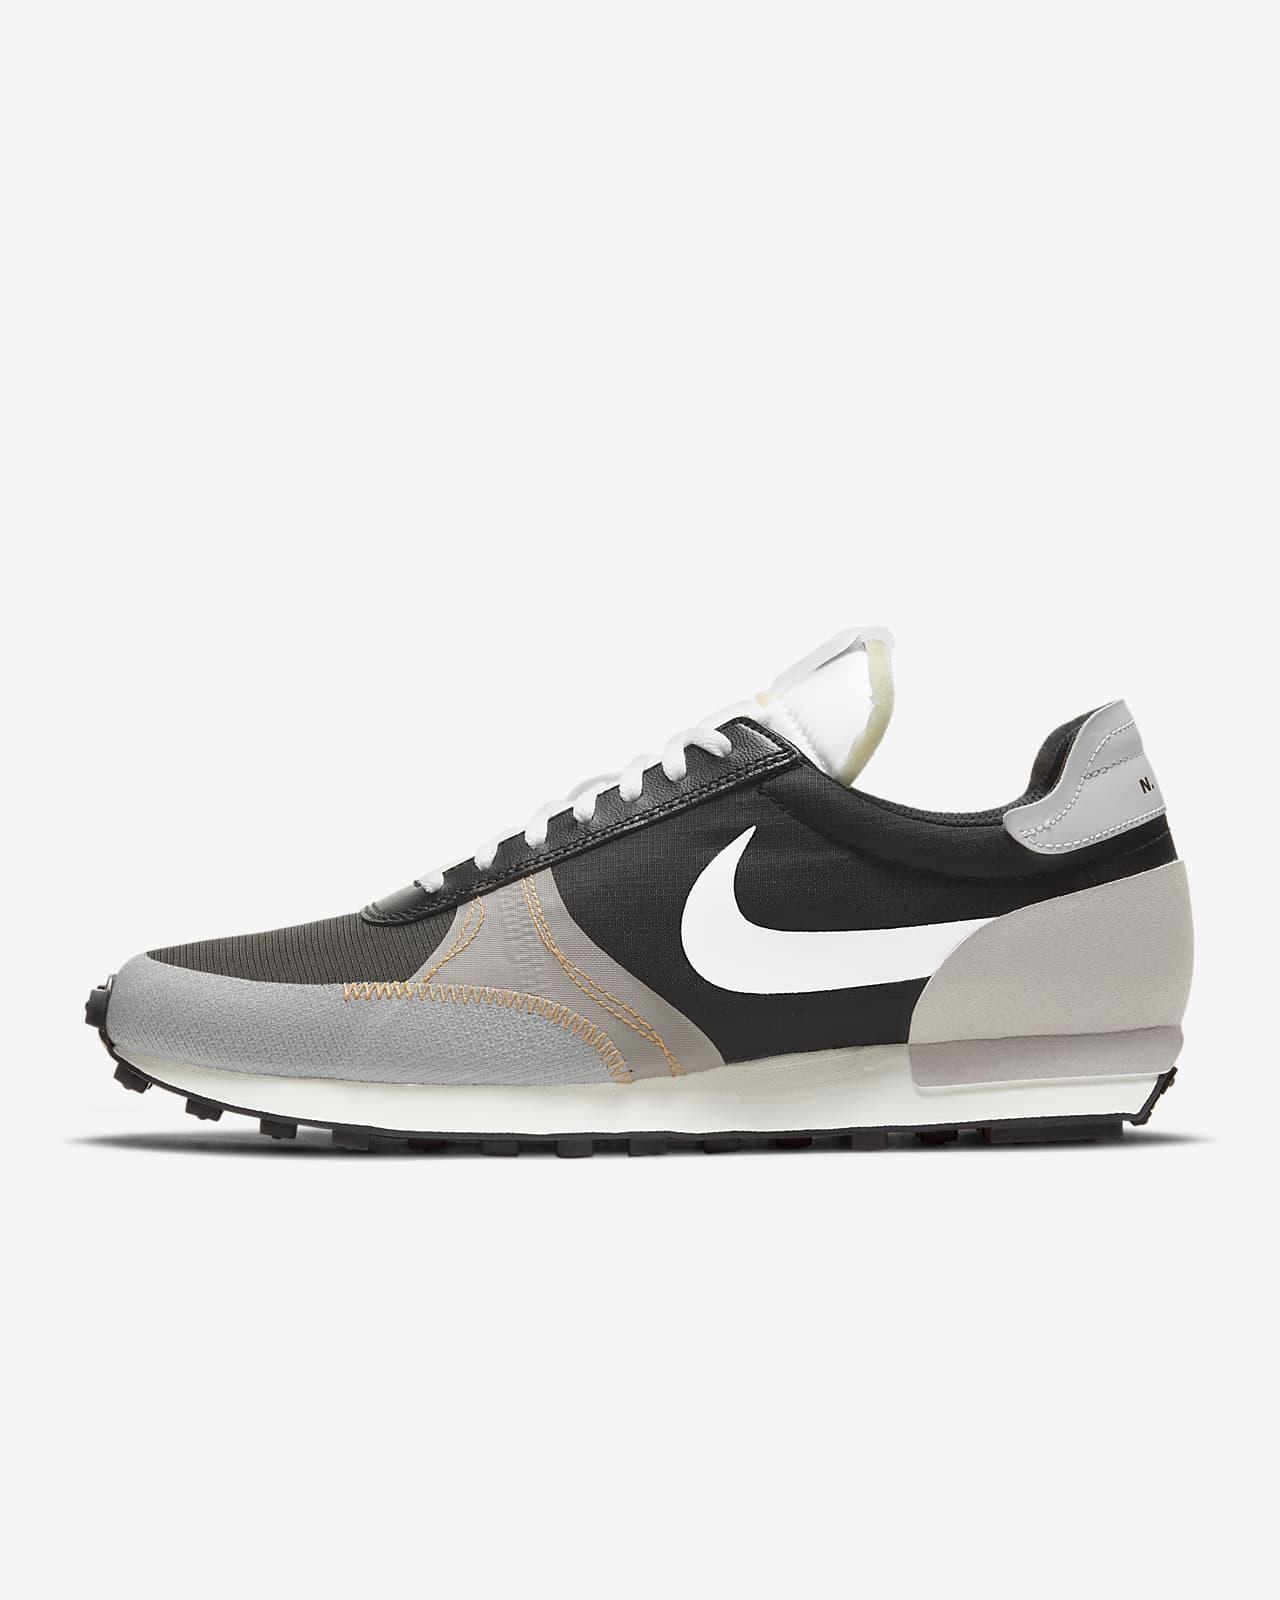 Nike DBreak-Type SE férficipő